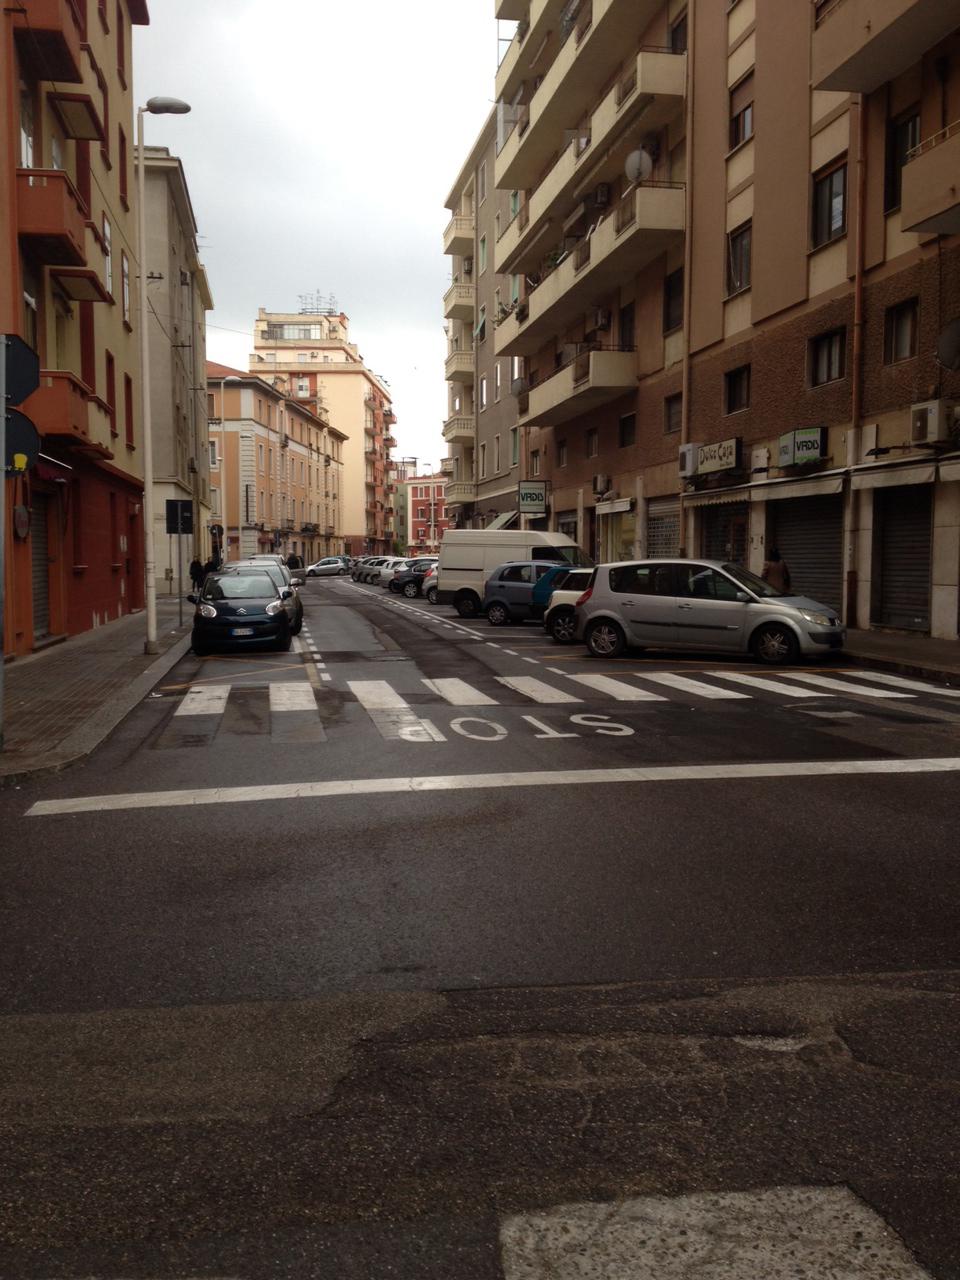 Cagliari strada 2